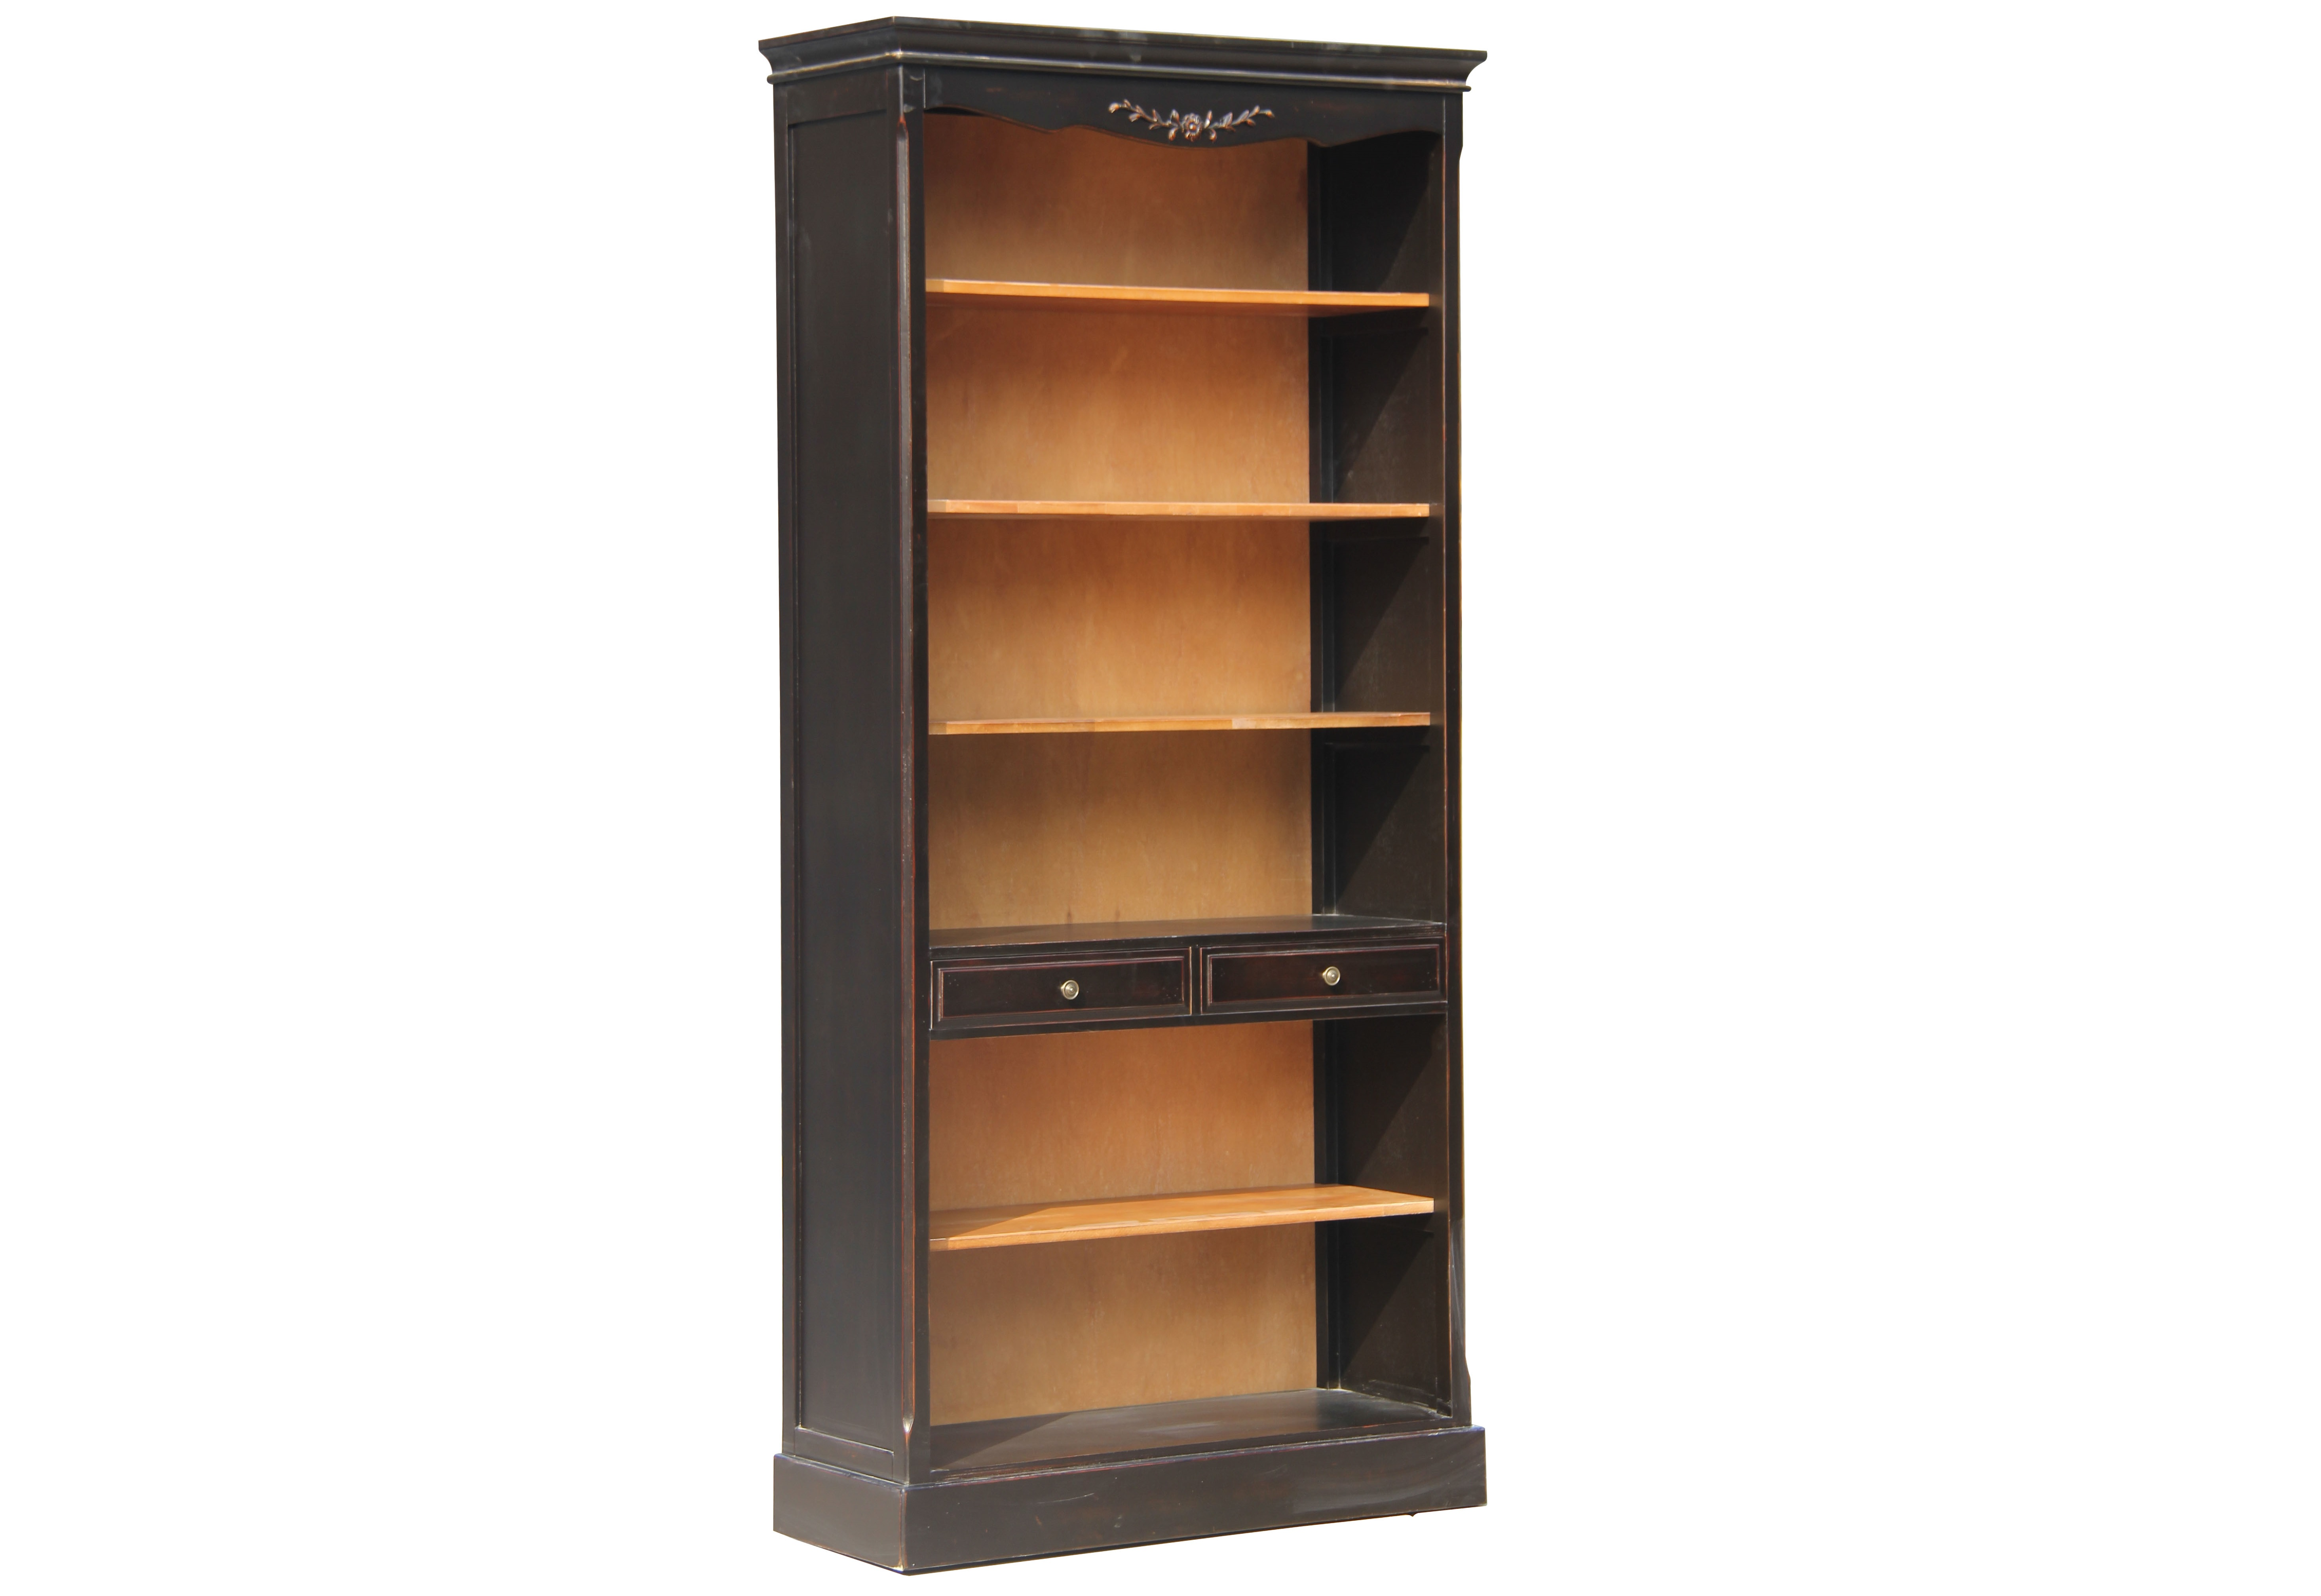 Шкаф для книгКнижные шкафы и библиотеки<br><br><br>Material: Бук<br>Width см: 104<br>Depth см: 40<br>Height см: 220